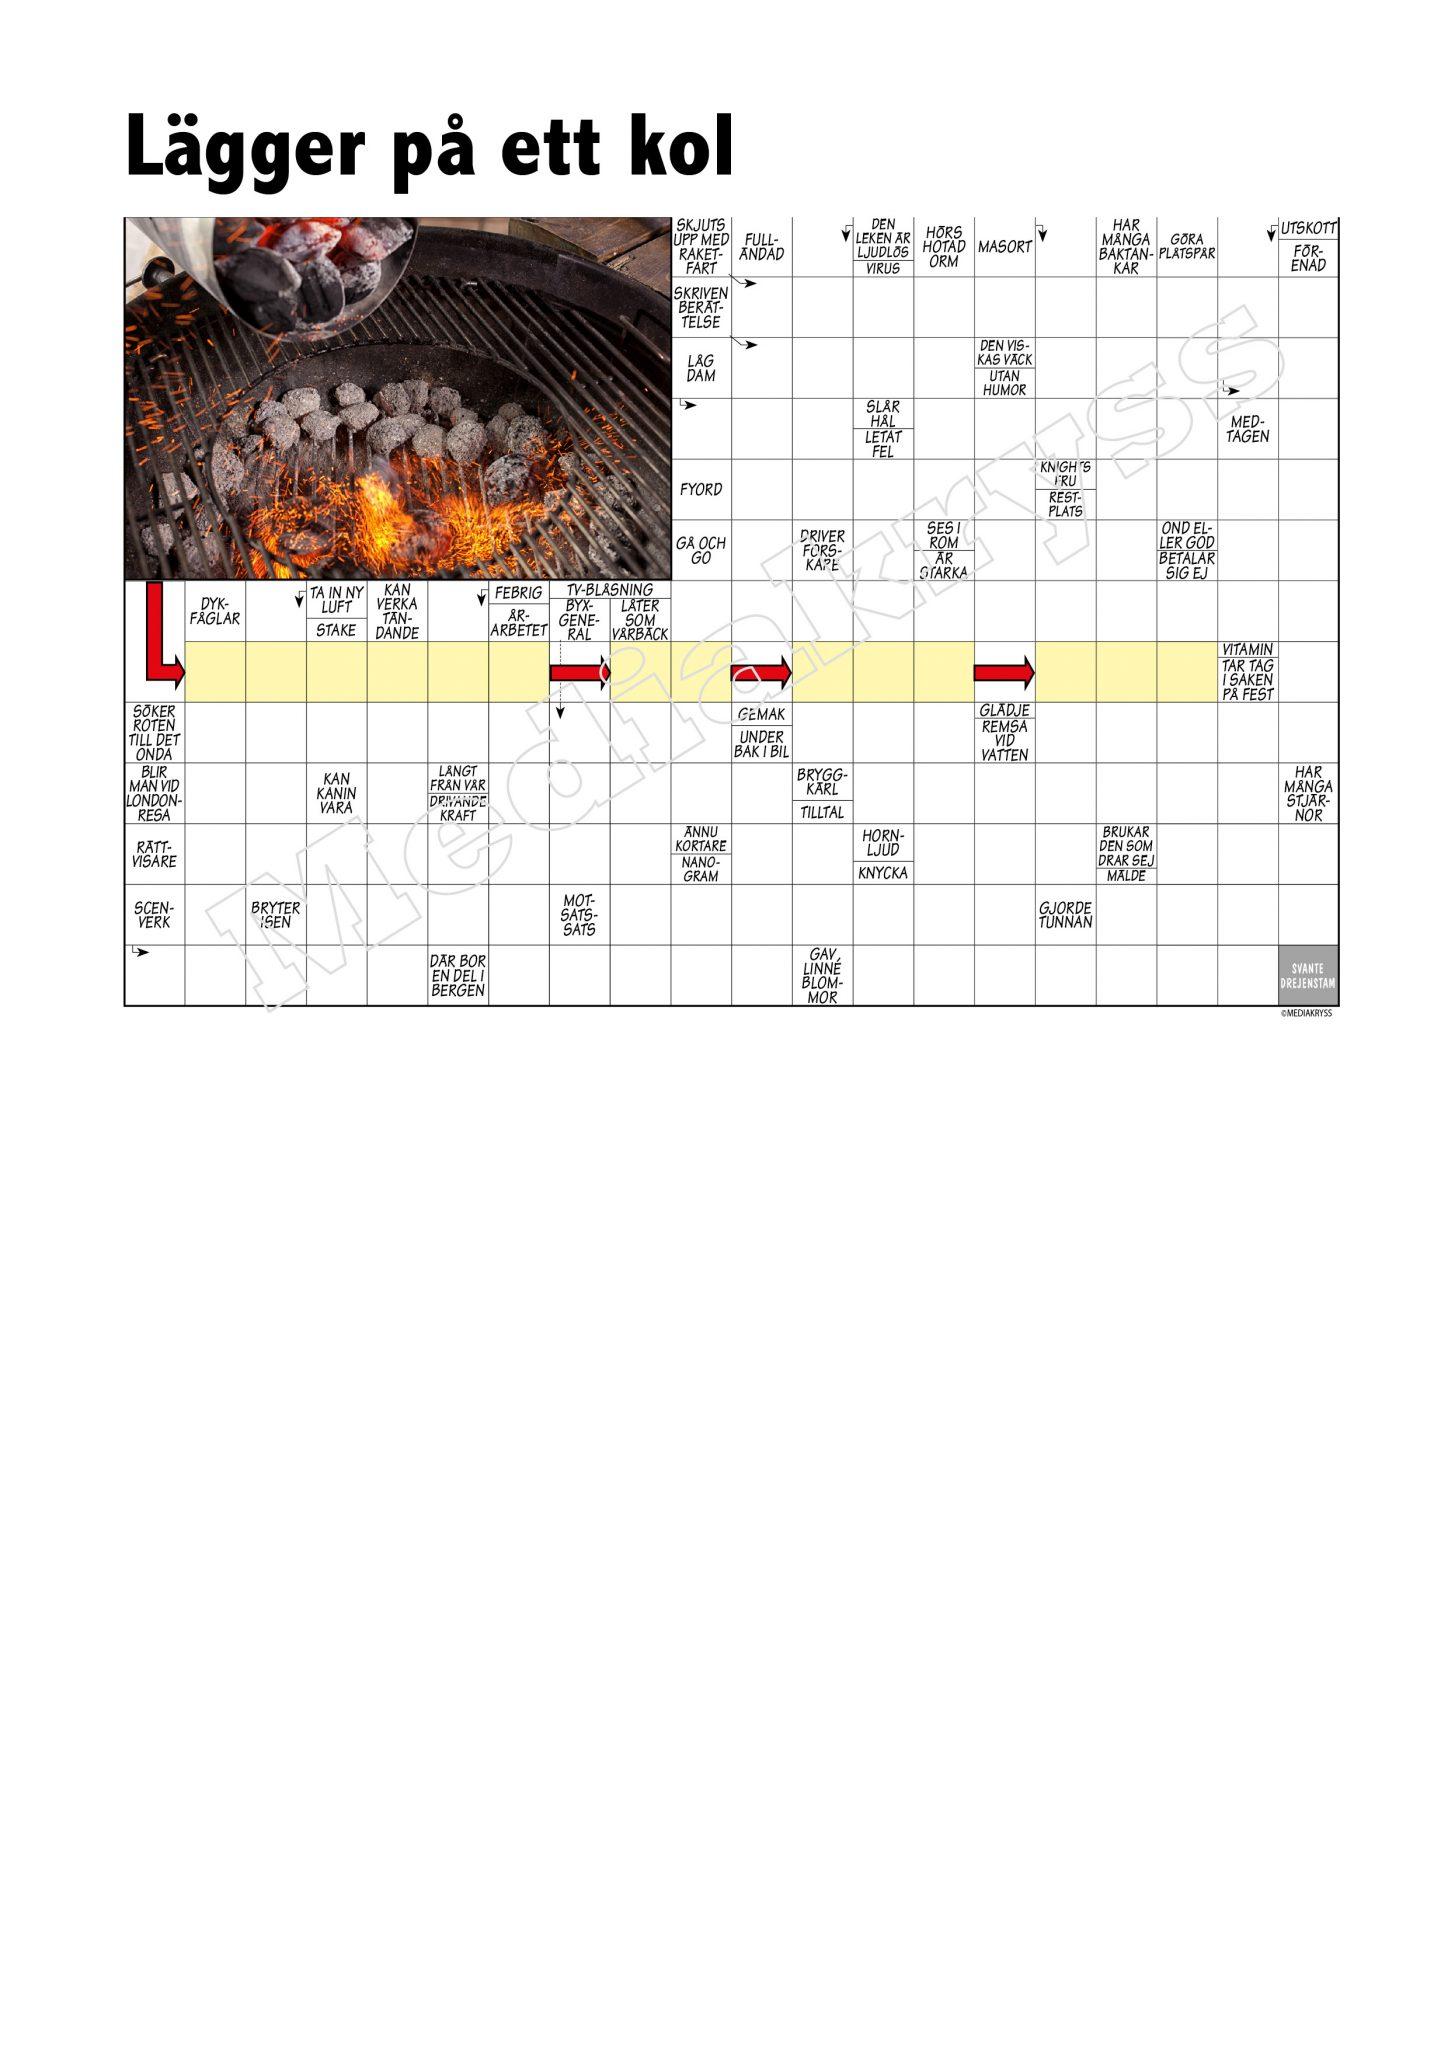 Korsord 316 – Lagger pa ett kol